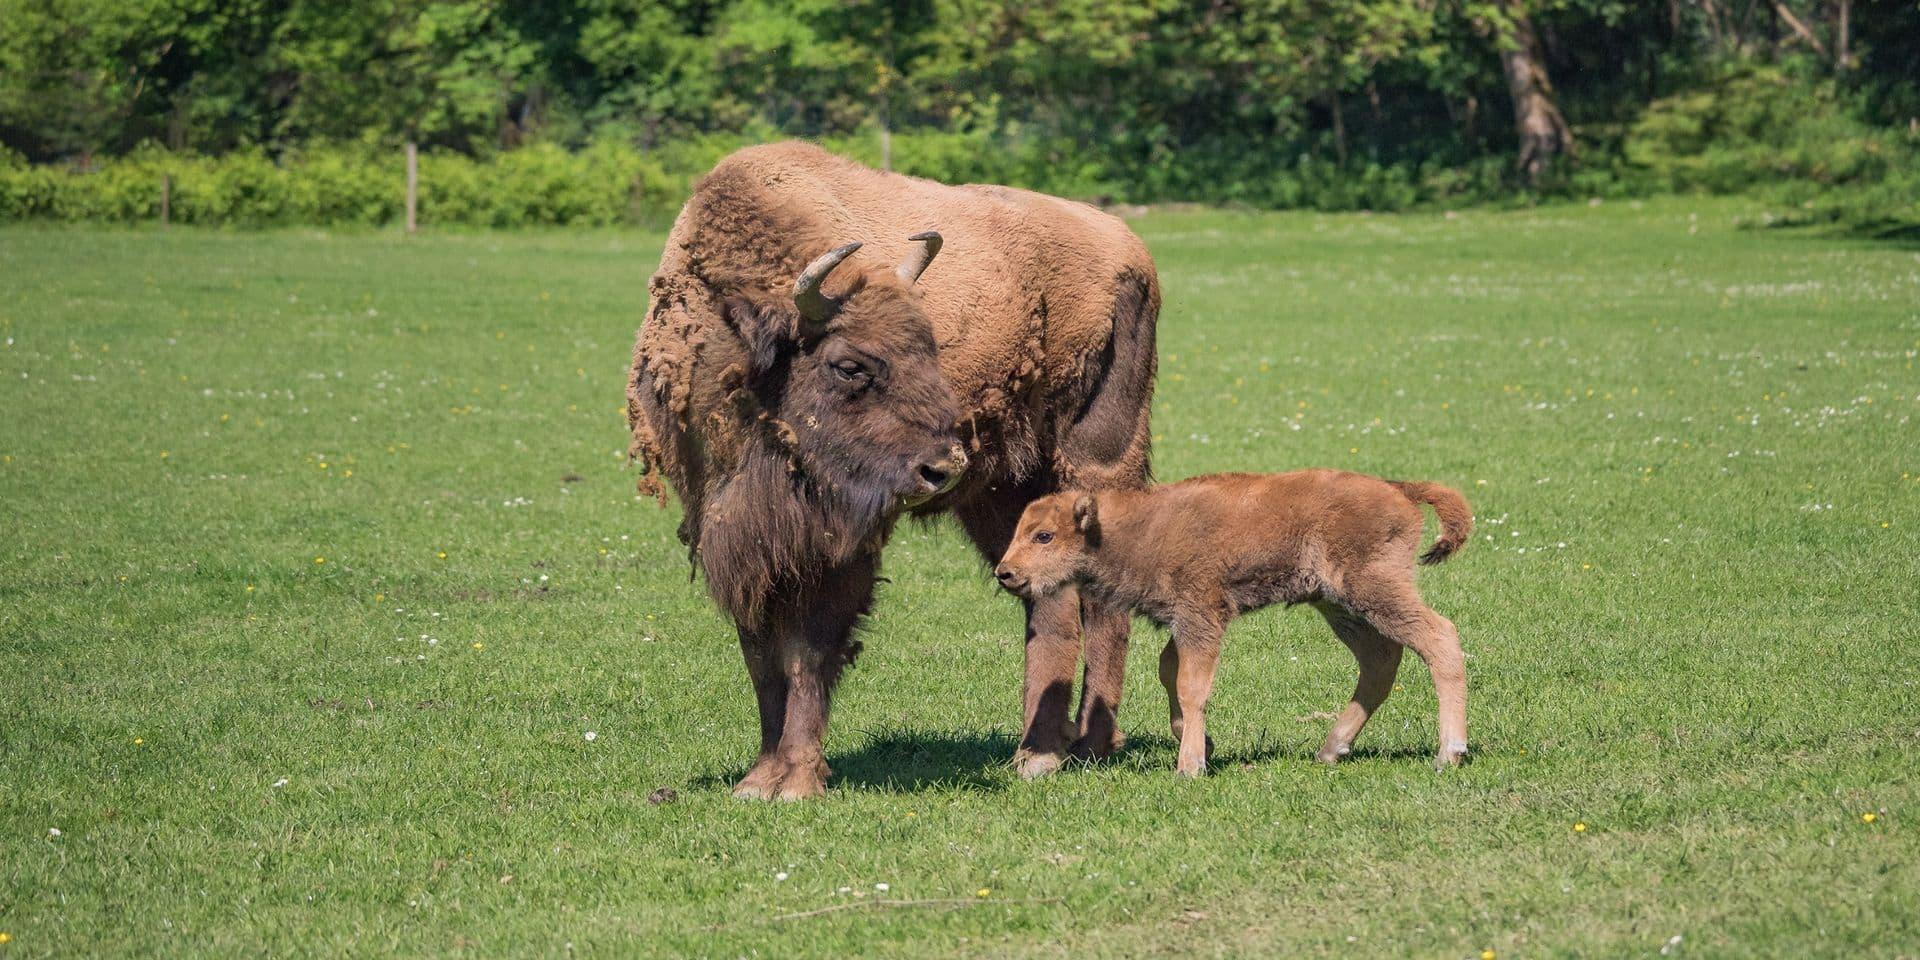 Han-sur-Lesse : une bisonne est née dans le parc animalier